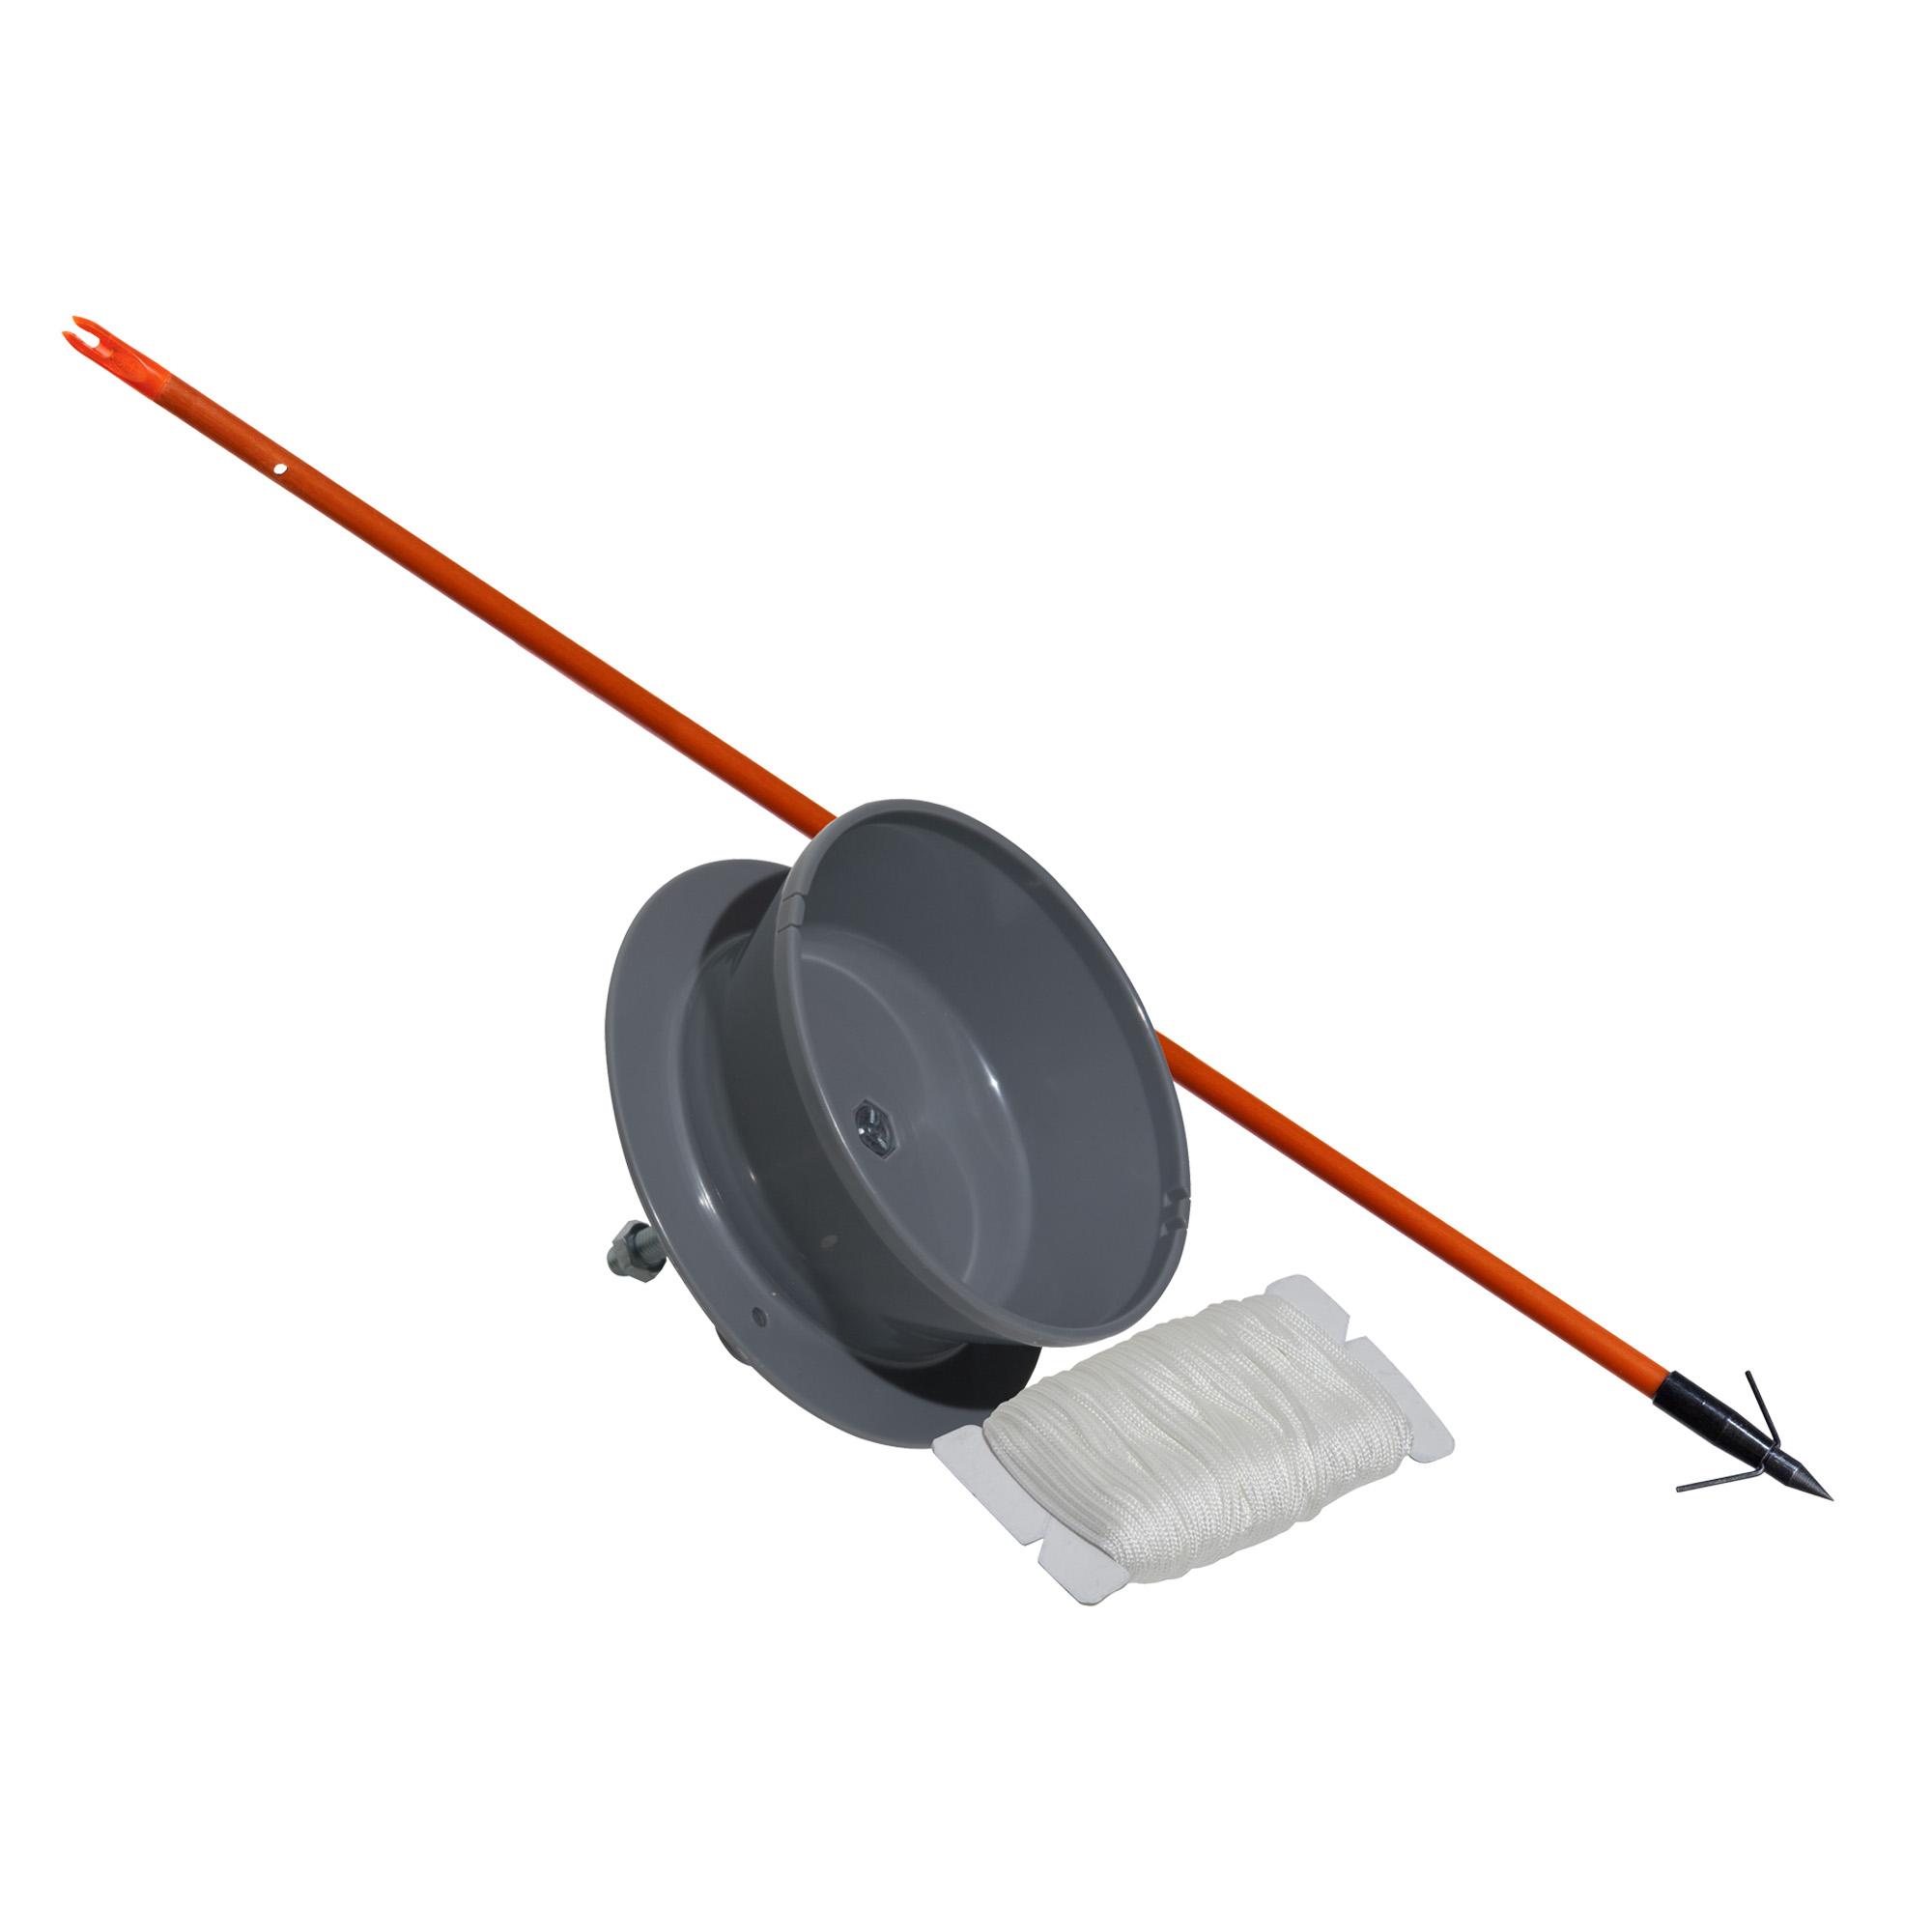 Raider Bowfishing Package